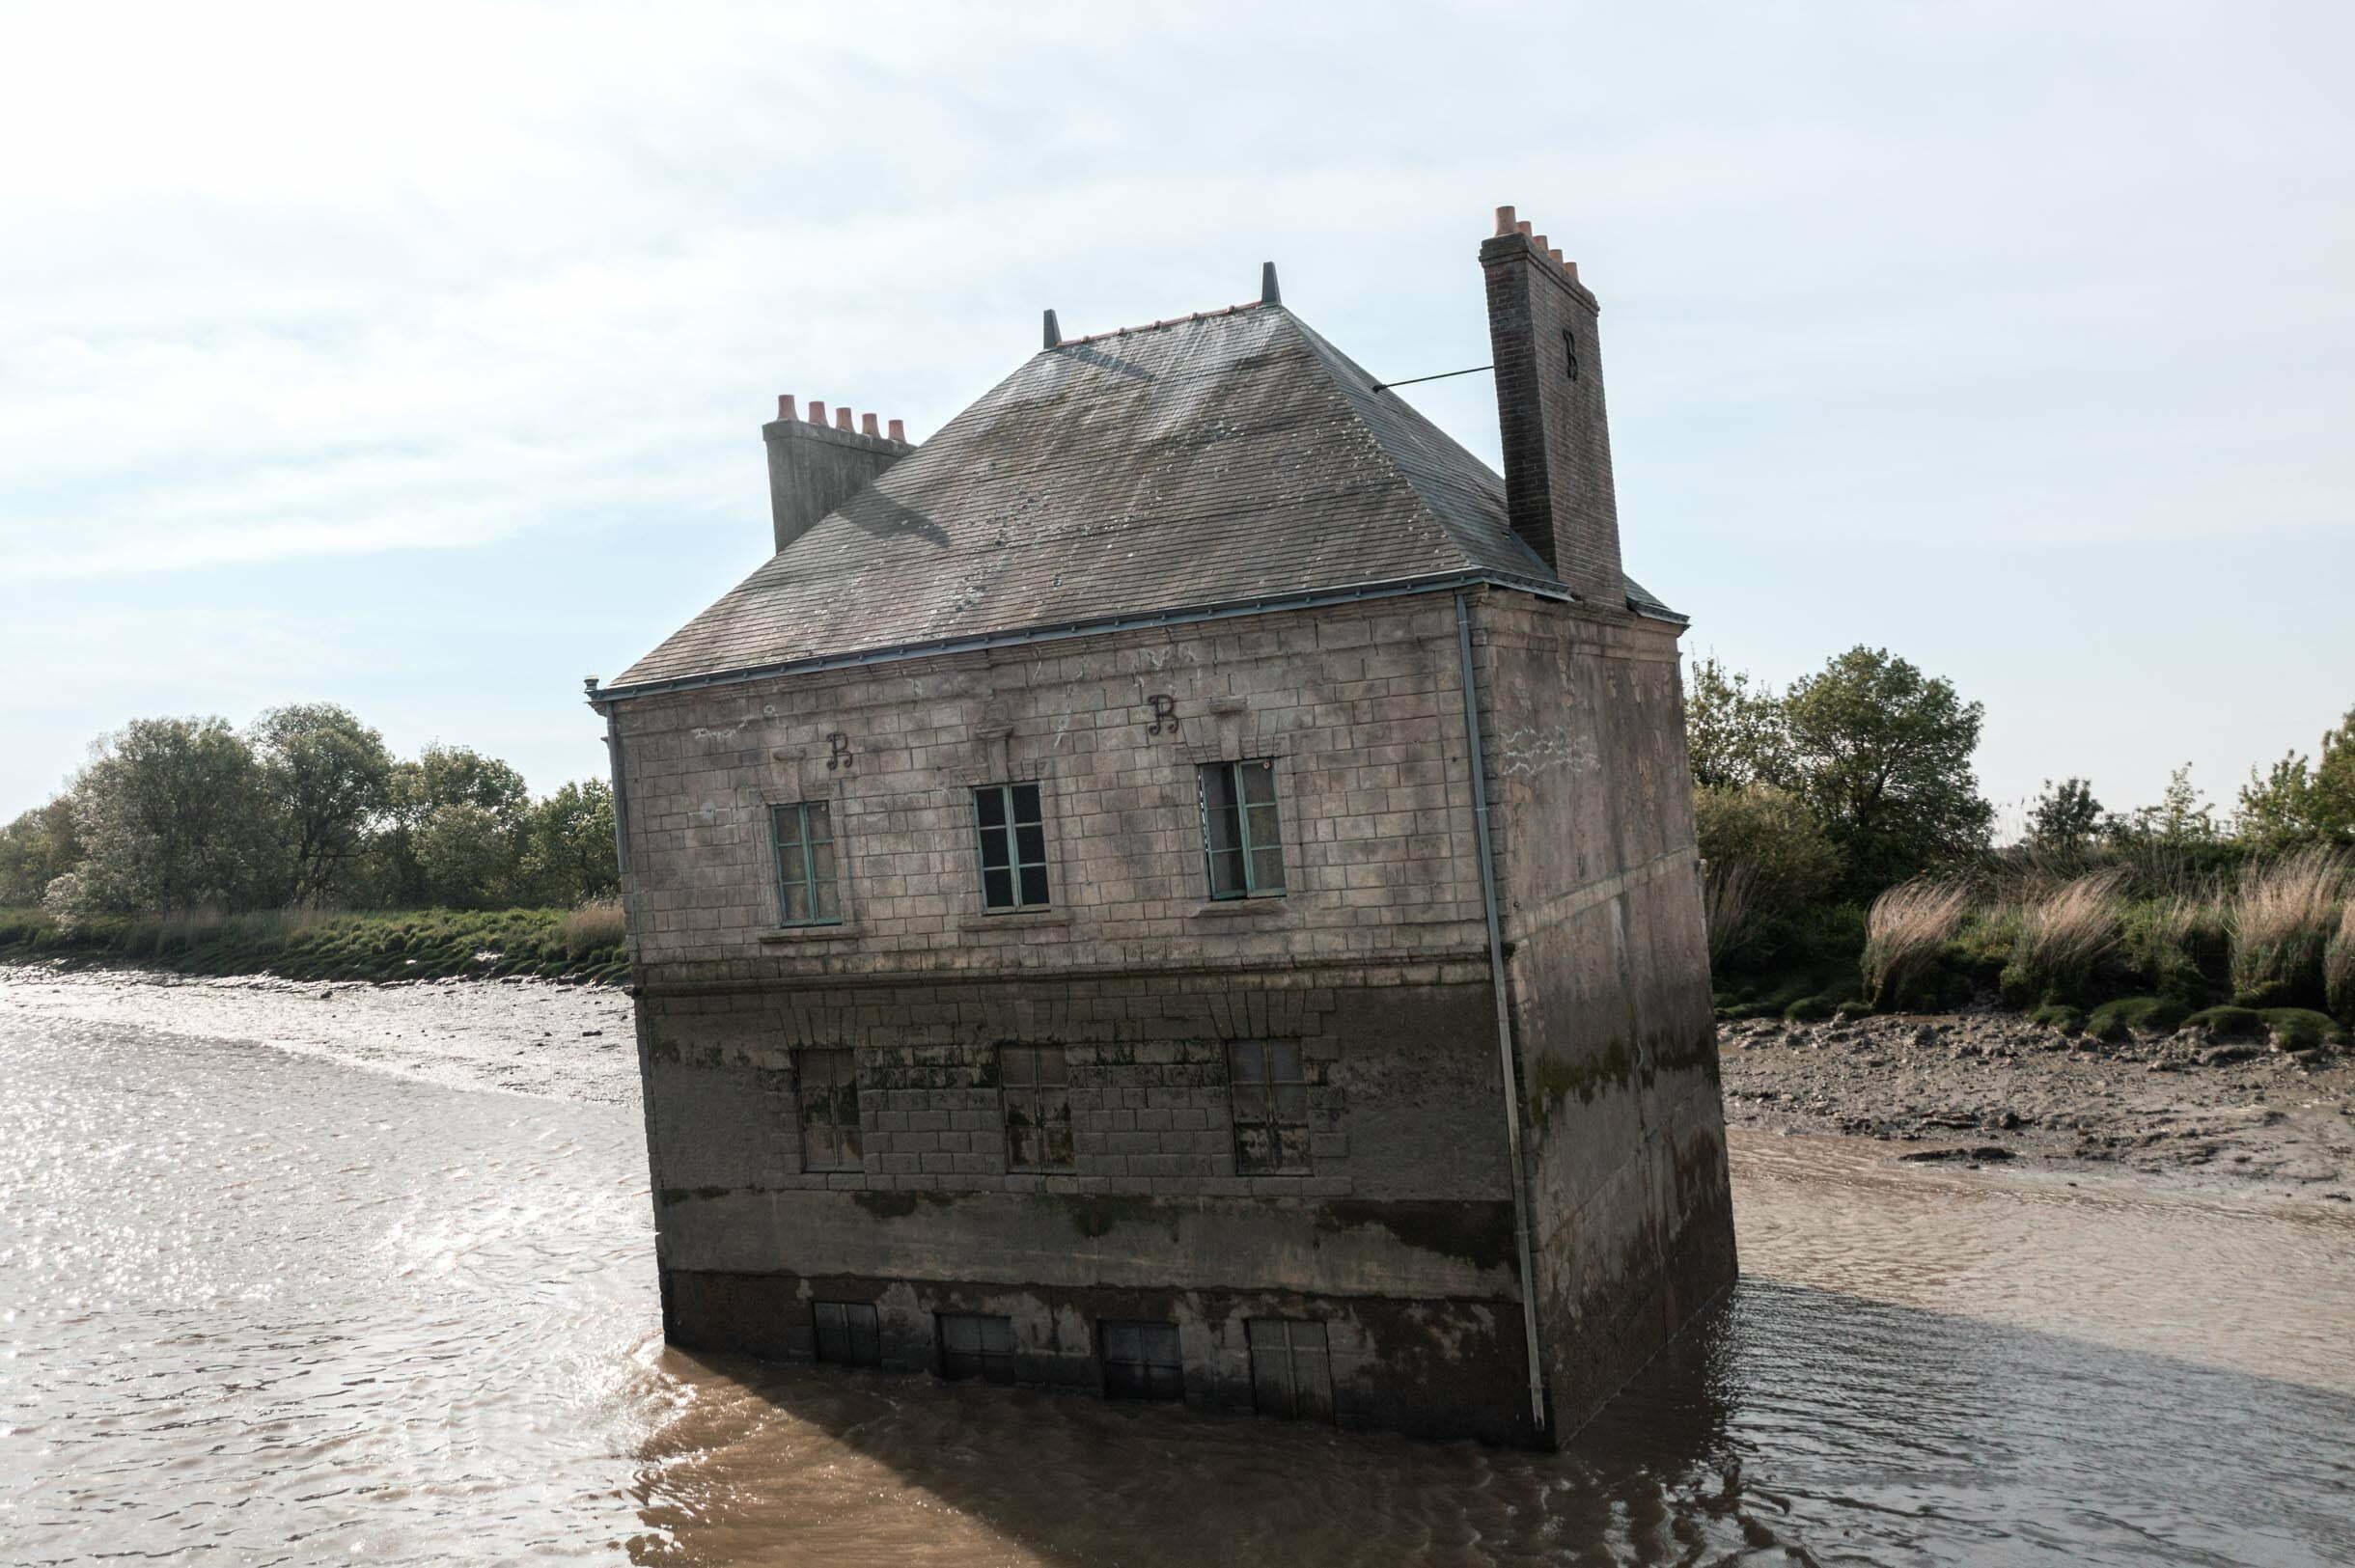 La Maison dans la Loire